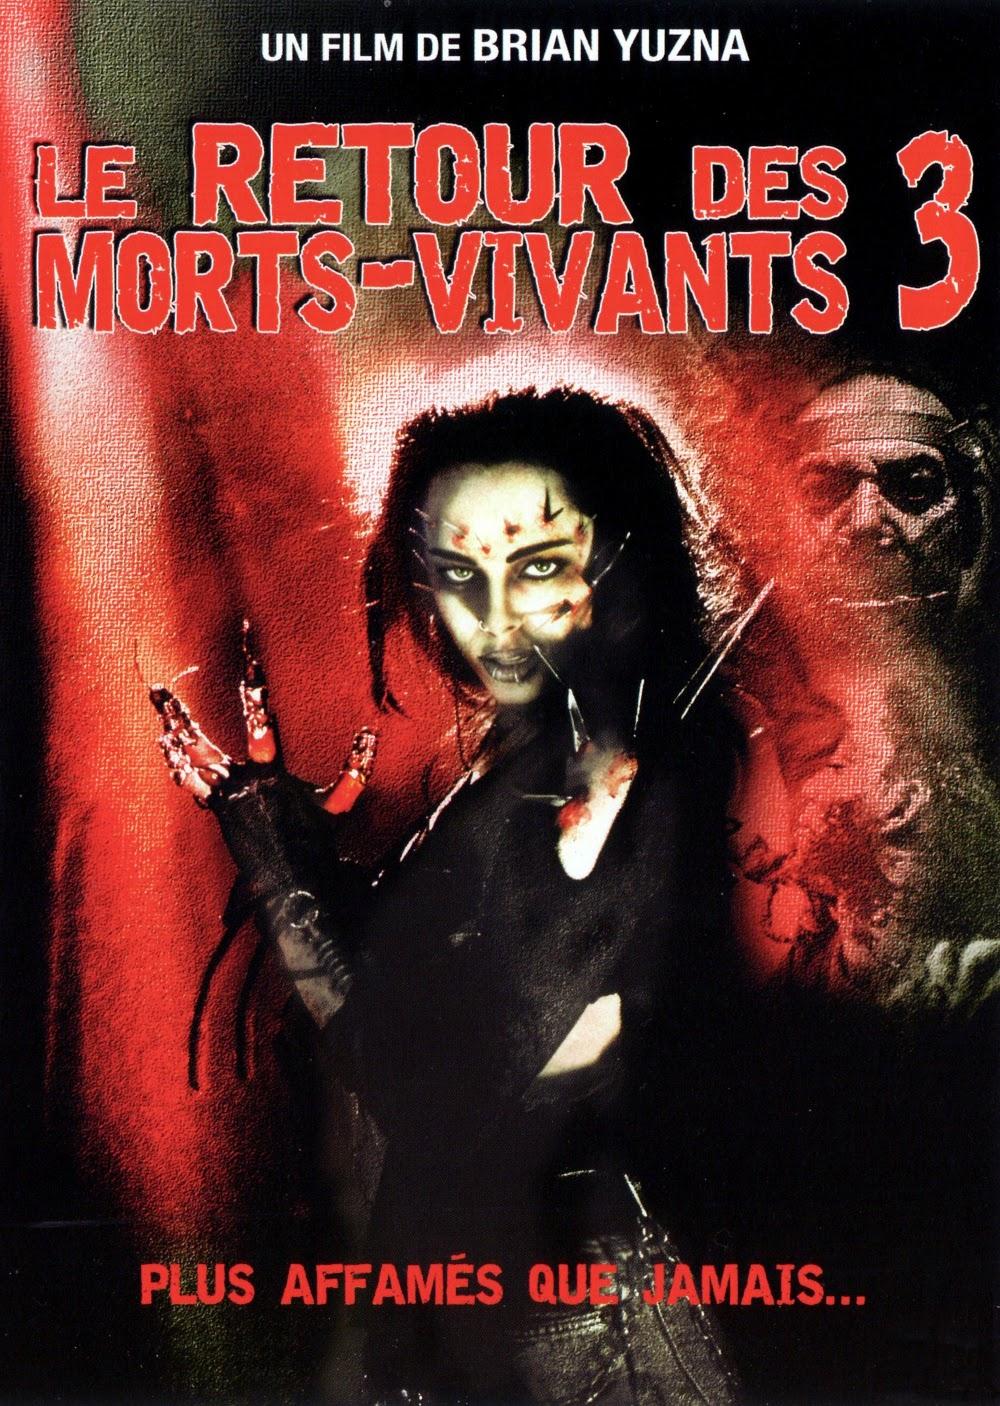 Filme Mortos Vivos for critica: a volta dos mortos vivos 3 (1993) - sessão do medo